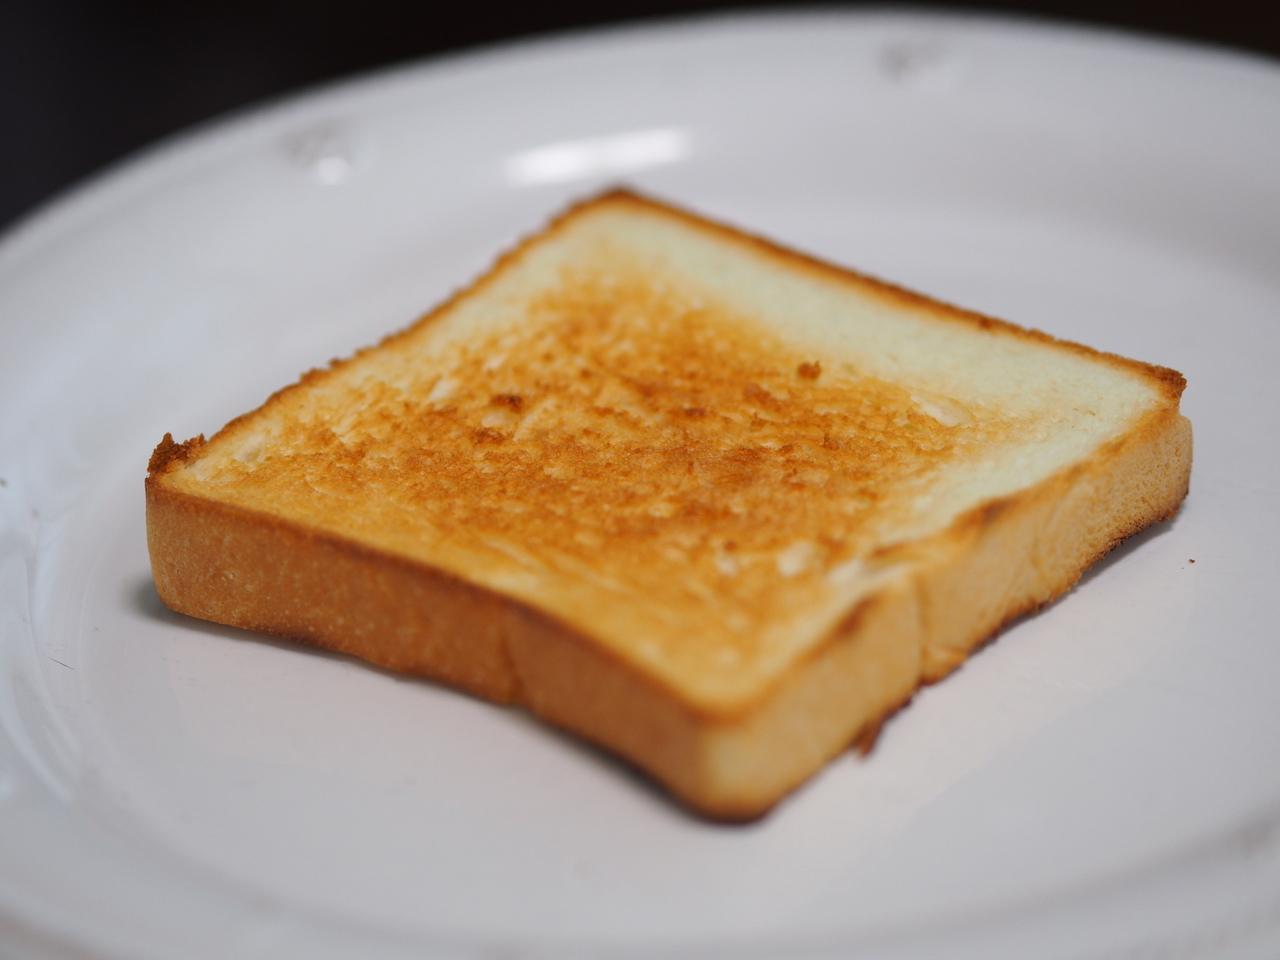 トーストした銀座に志かわの食パン